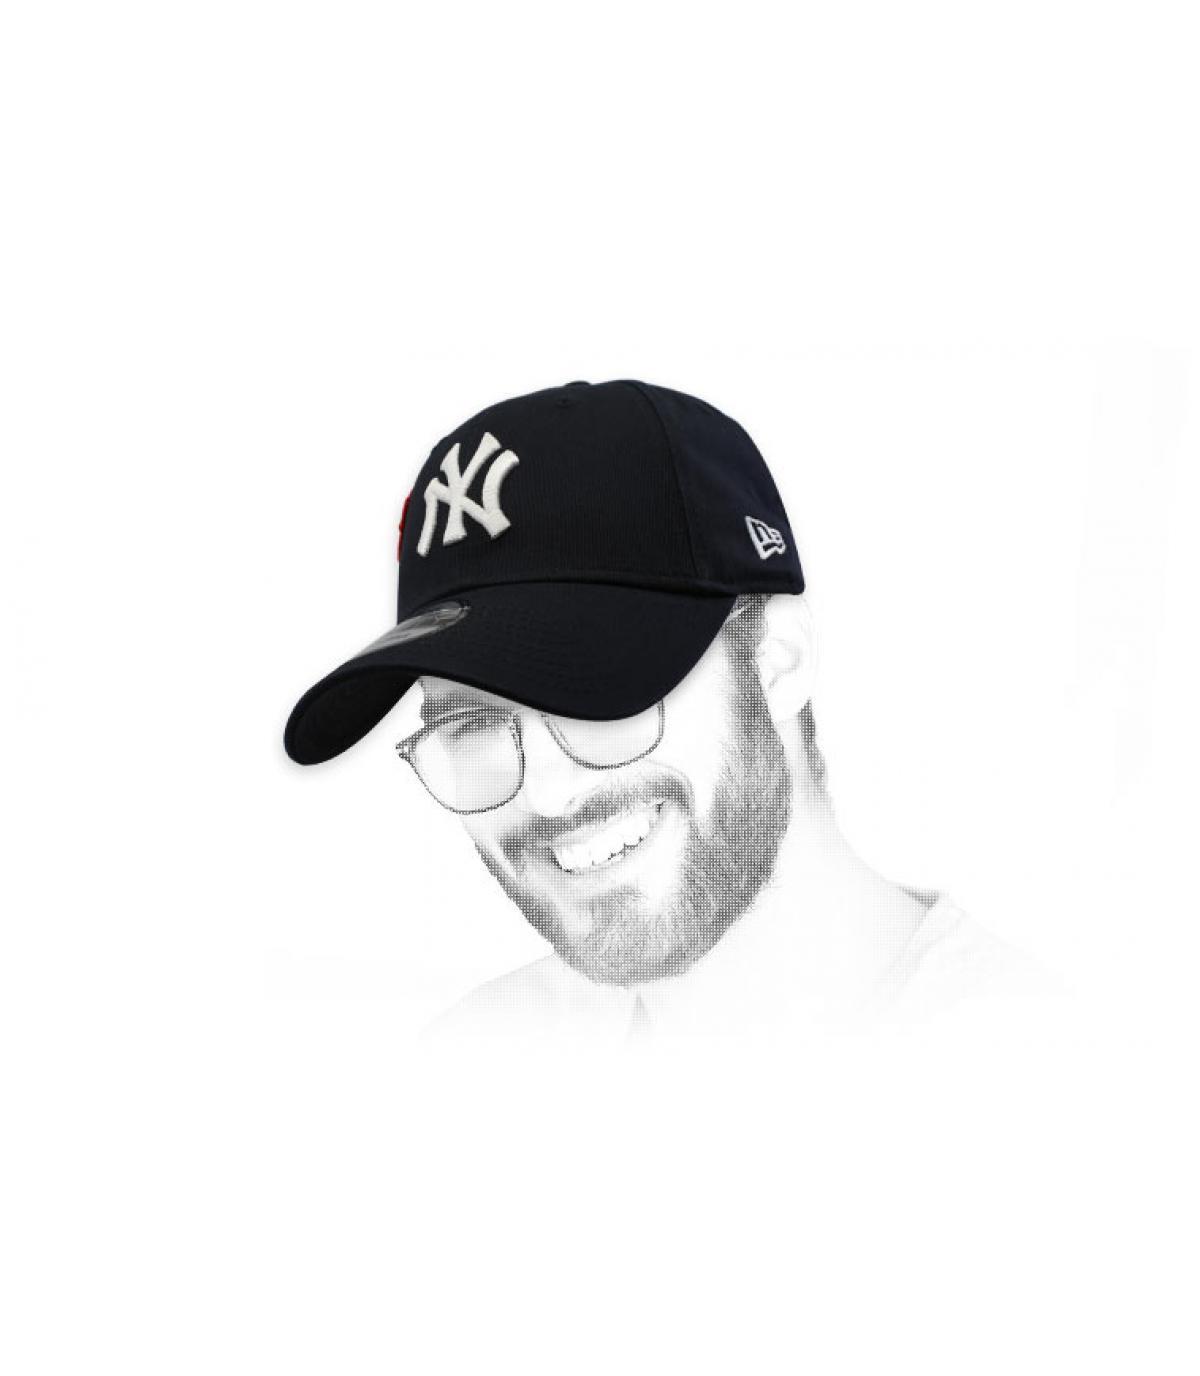 b5914a938 black NY cap